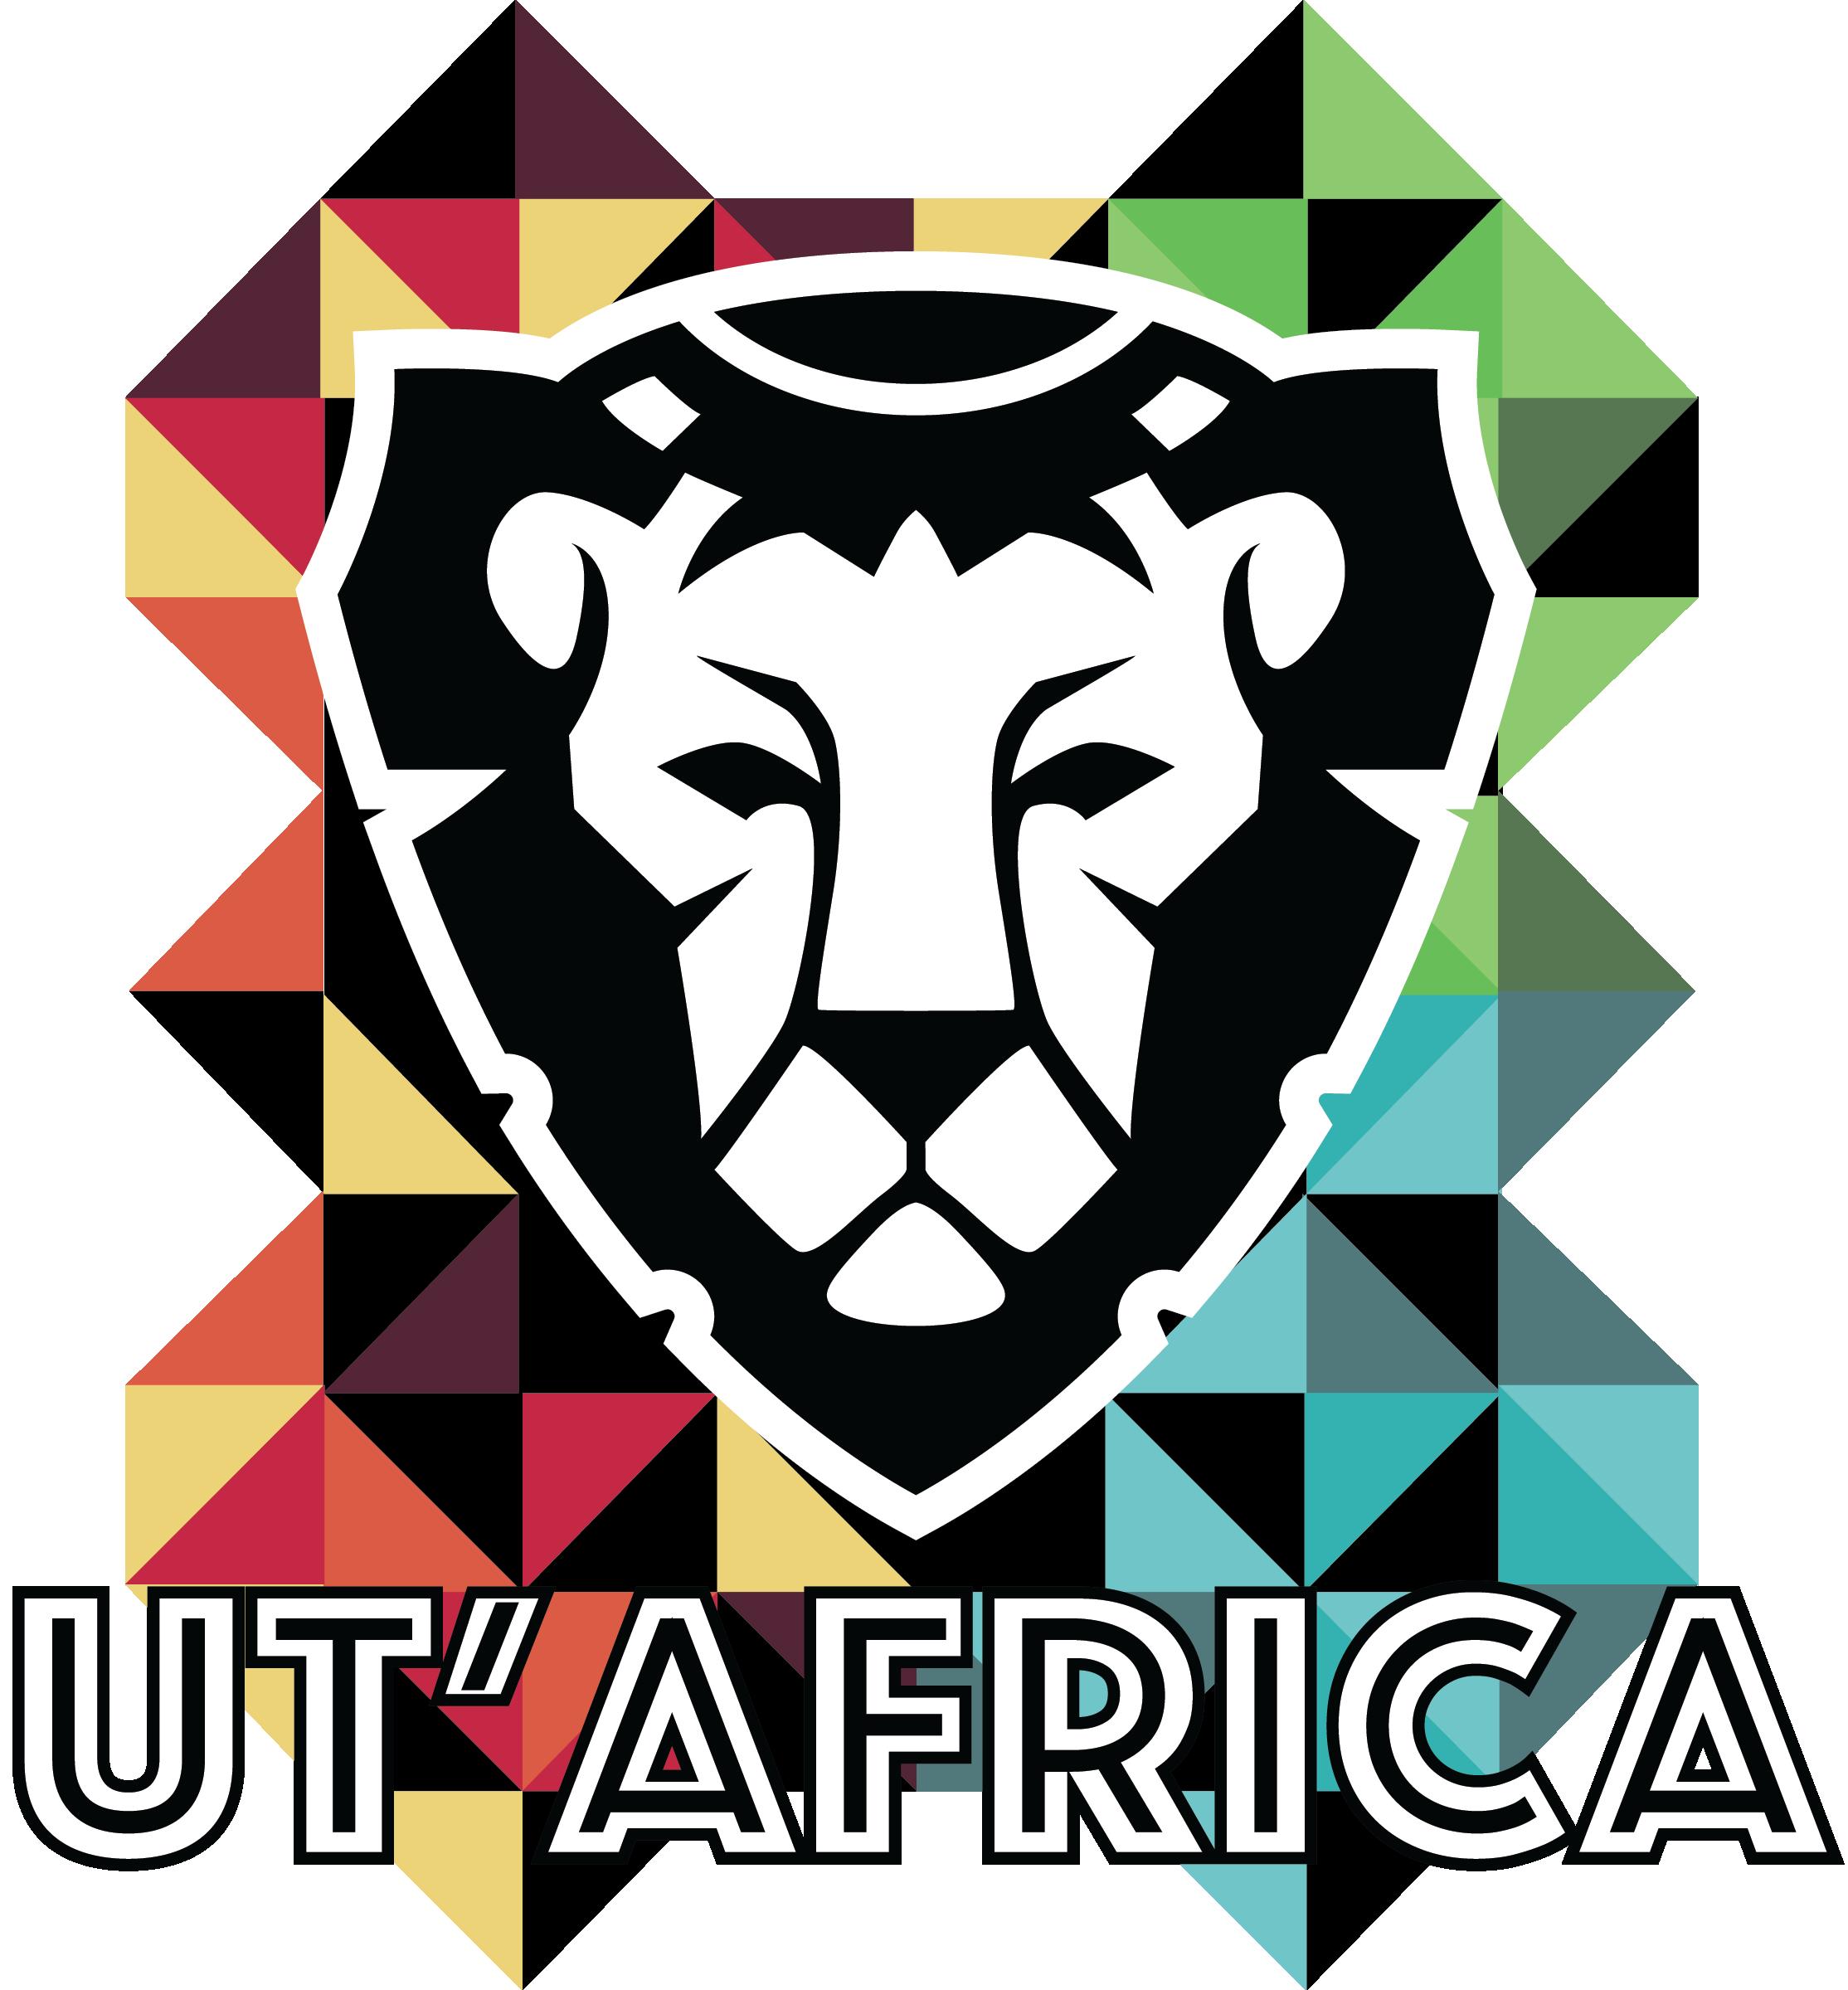 UT'Africa